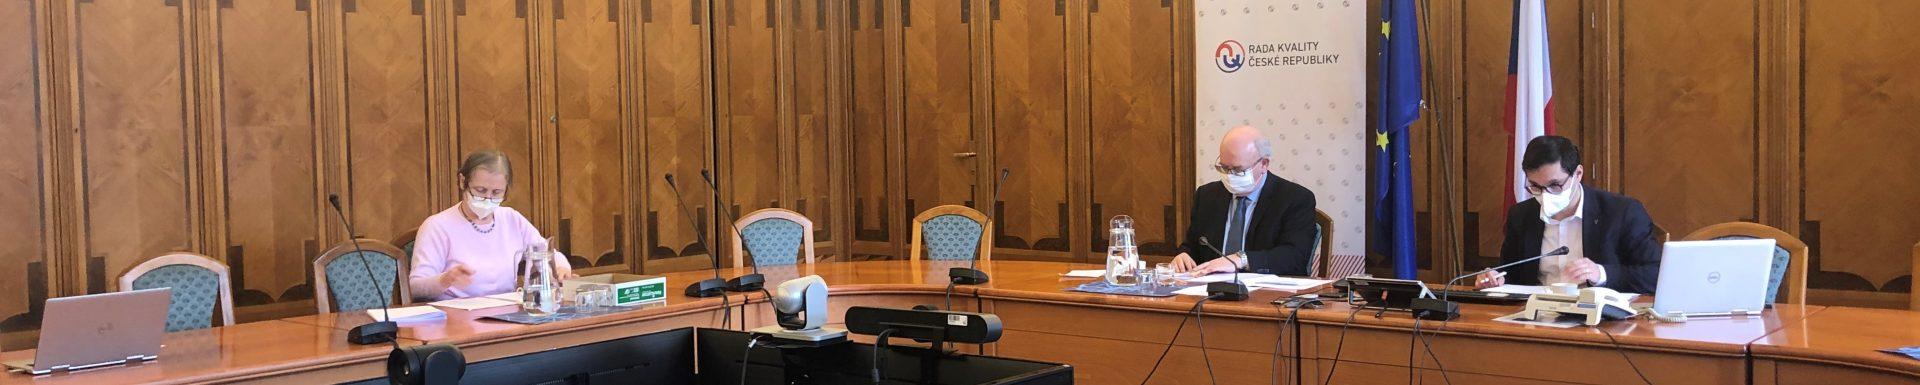 Rada kvality ČR představila hlavní cíle pro rok 2021